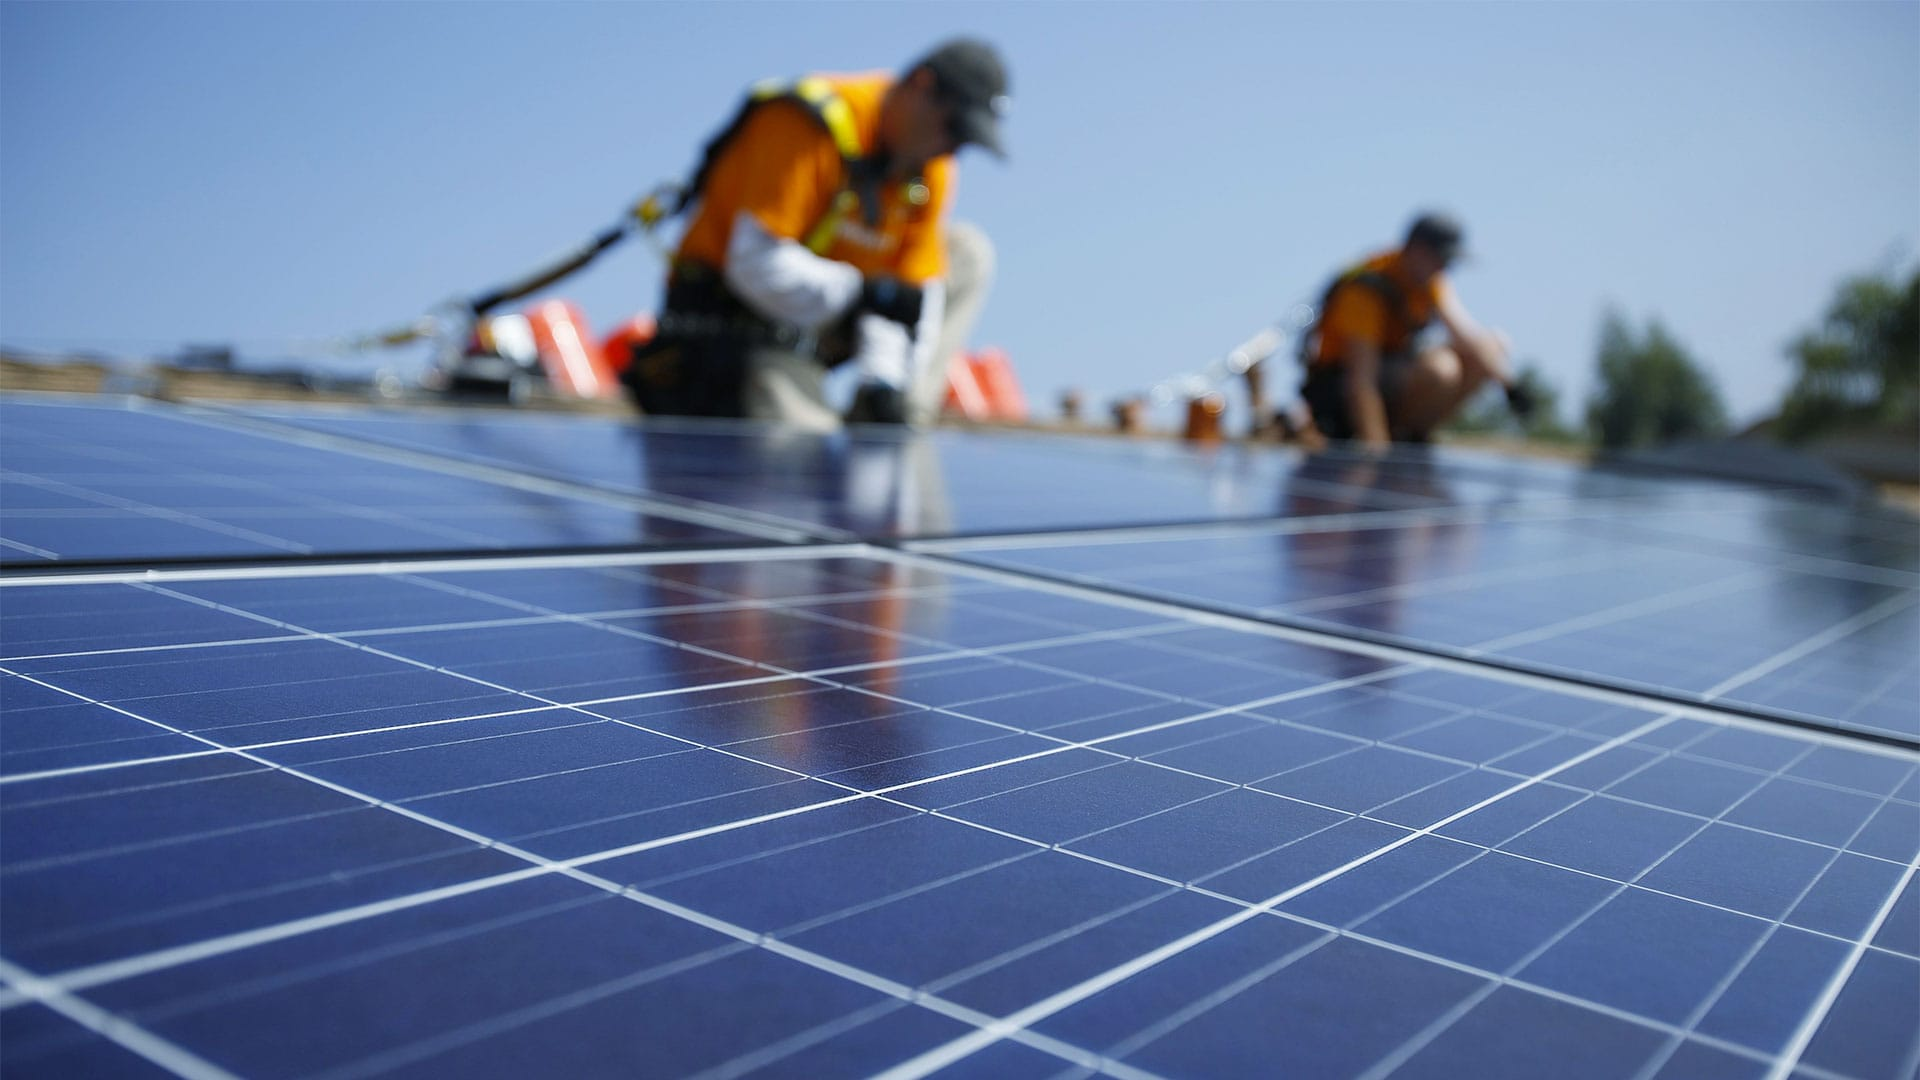 Le 7 domande più frequenti sulla manutenzione di un impianto fotovoltaico